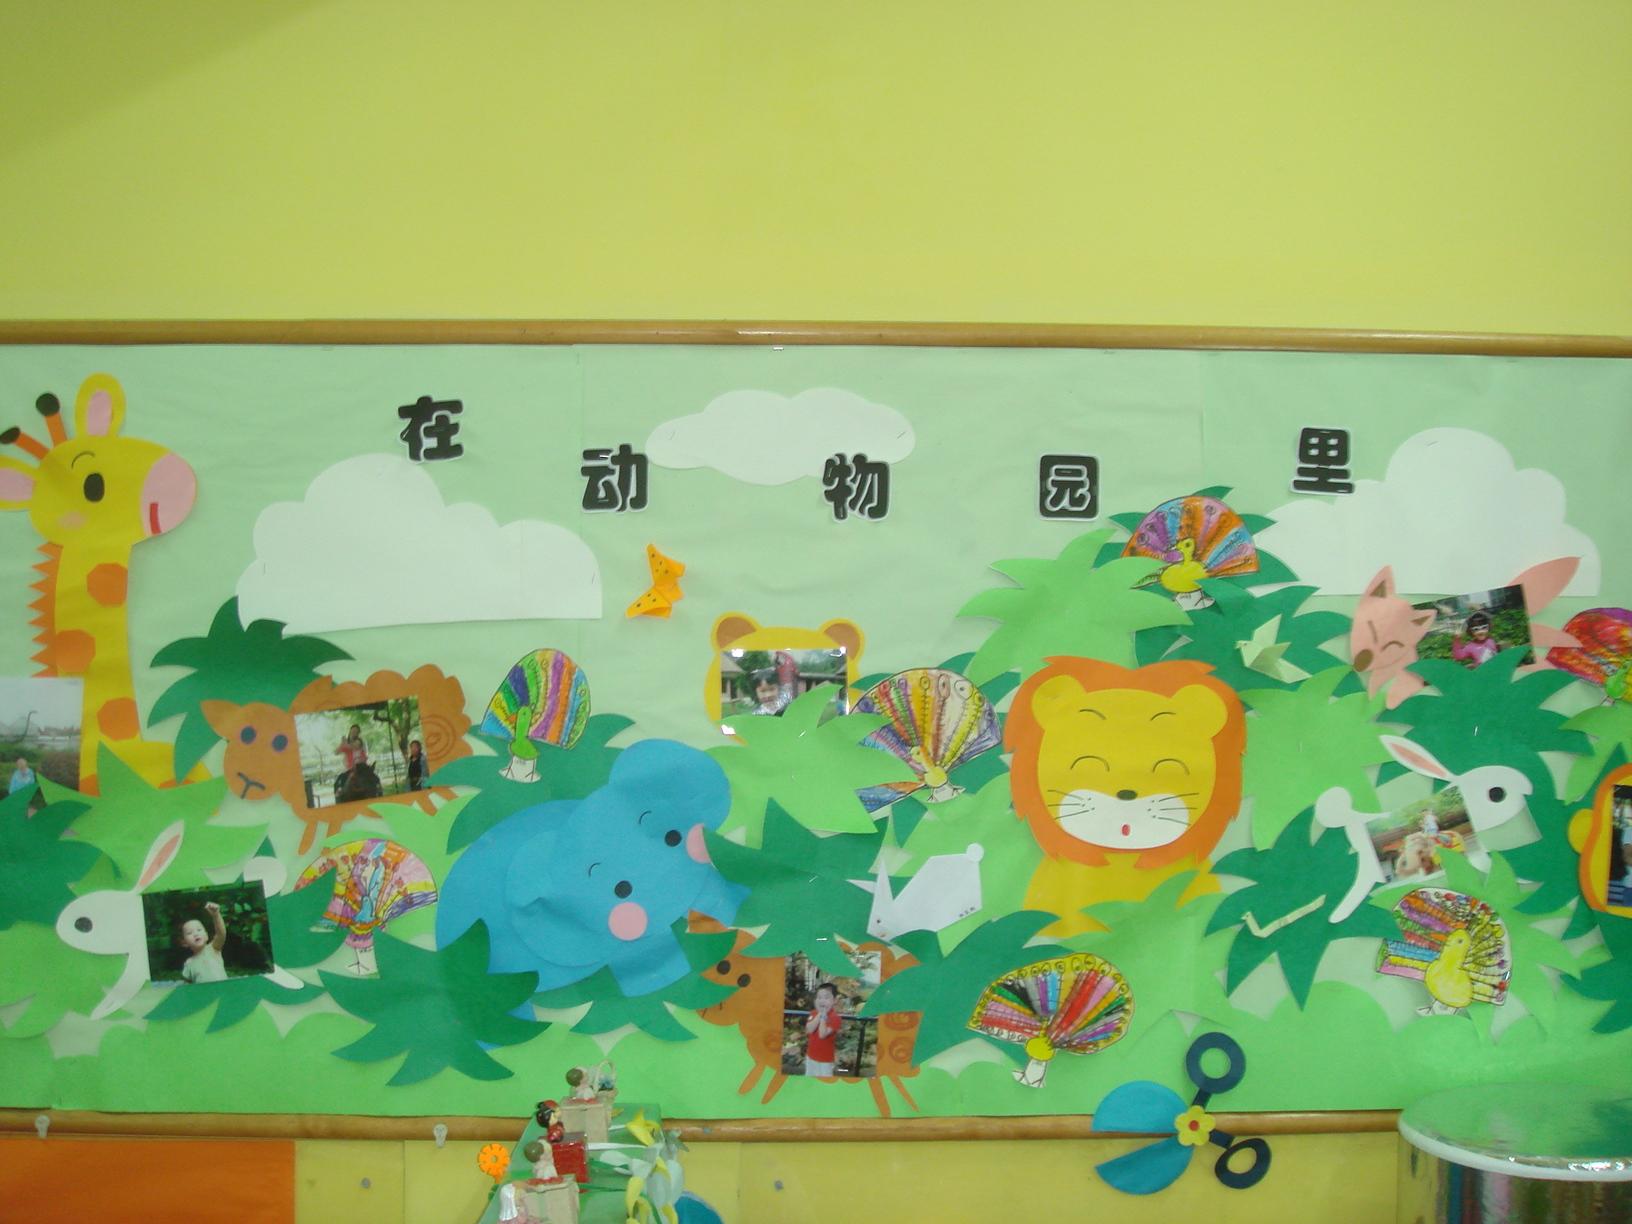 主题版面 在动物园里 -信息详细 第二版,更新导航 上海市闵行区龙柏